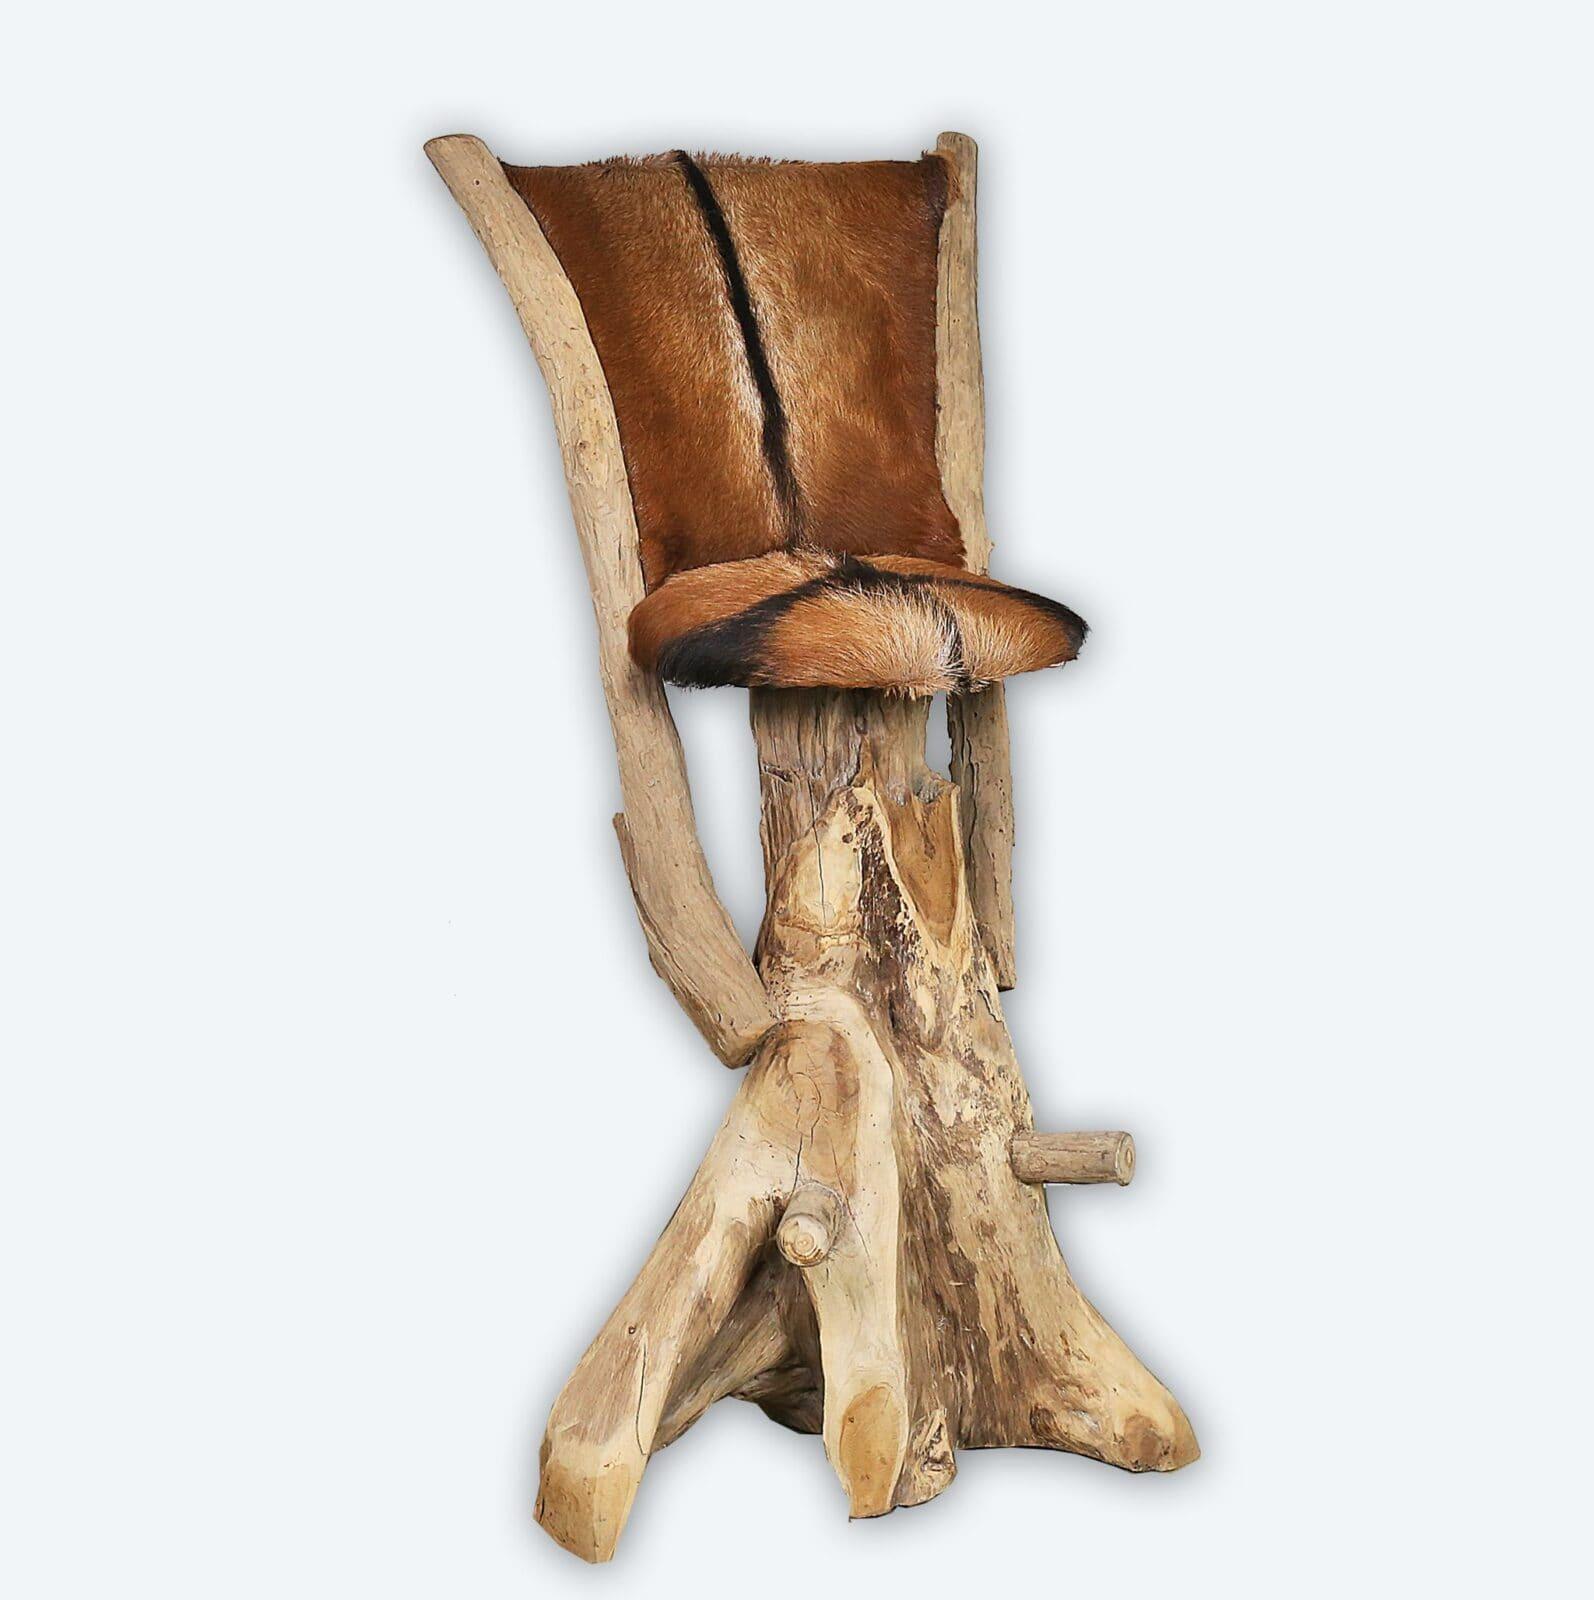 Goat bar chair tunggak brosi oldenzaal - Oldenzaal mobel ...